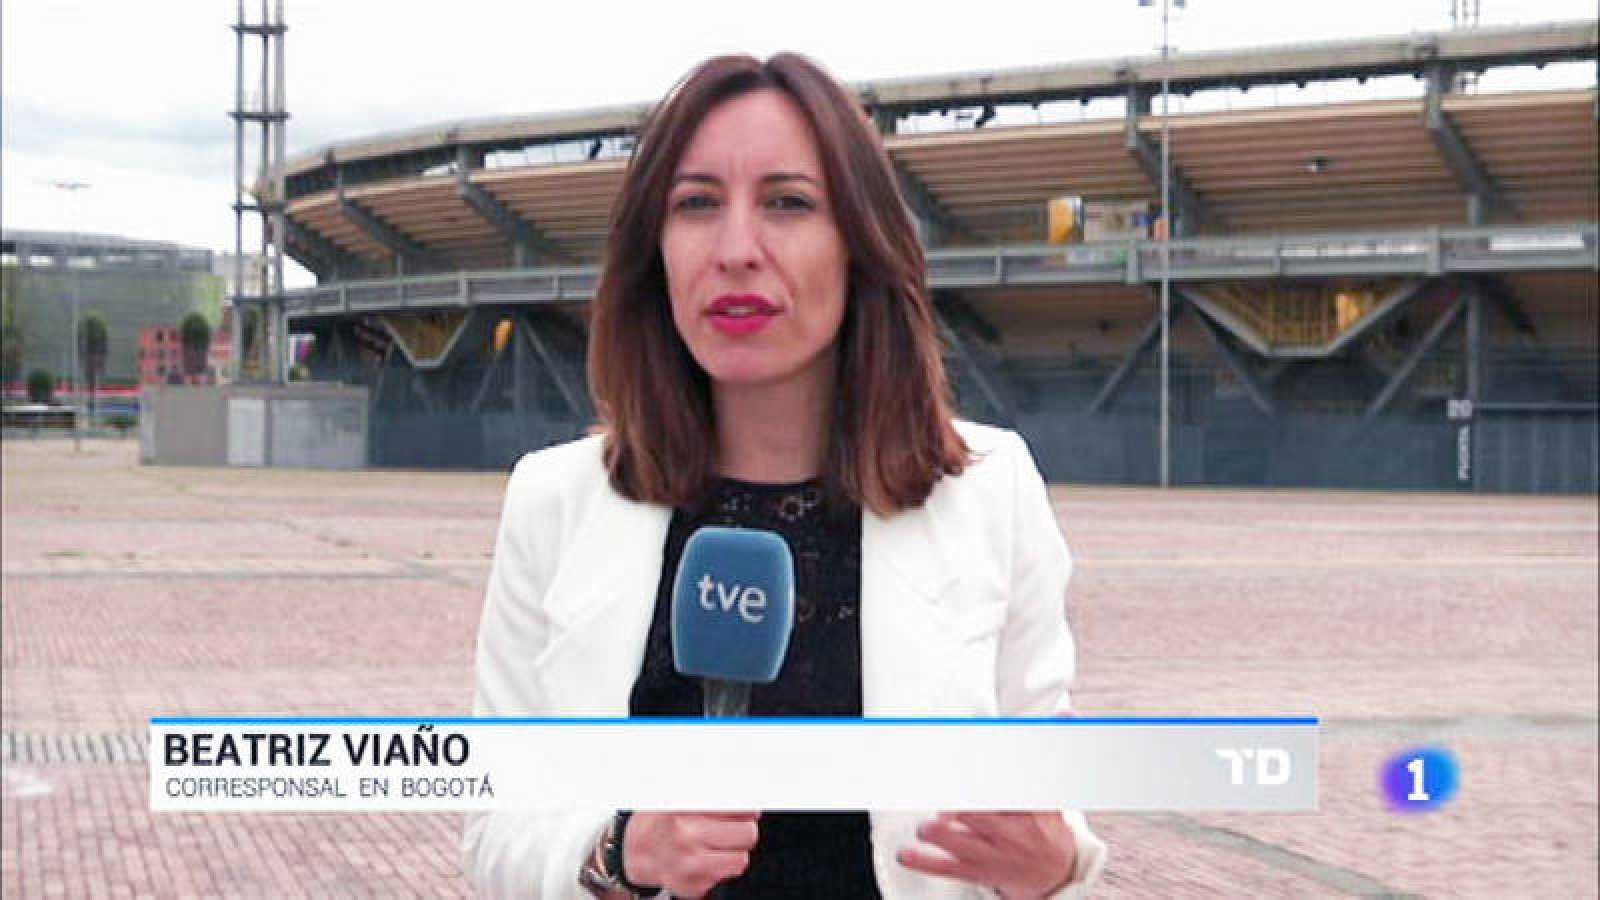 Beatriz Viaño Montaña, corresponsal de RNE en Bogotá